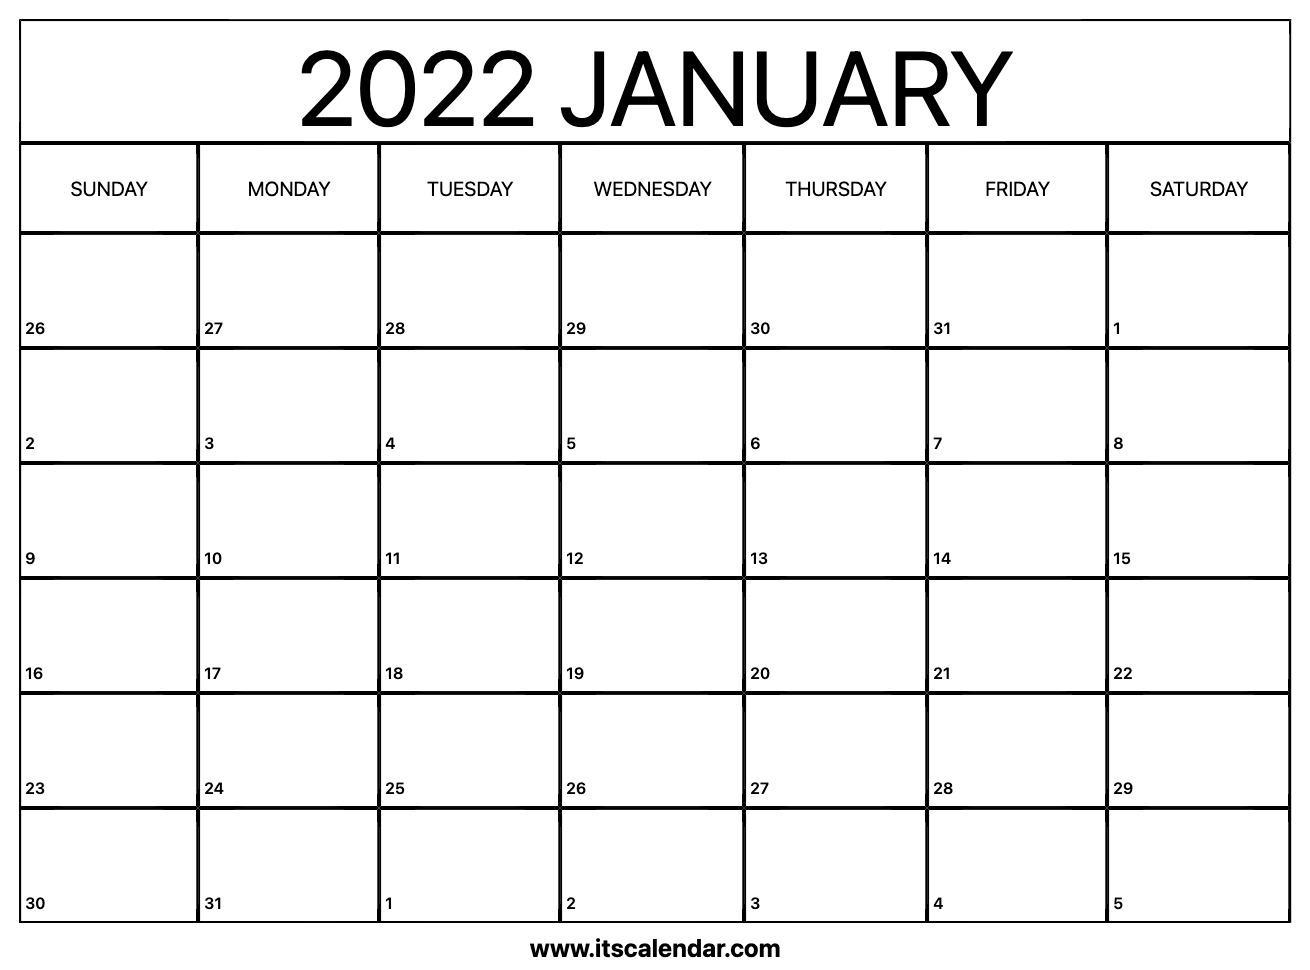 Free Printable January 2022 Calendar Pertaining To Free Printable Calendar Templates January 2022